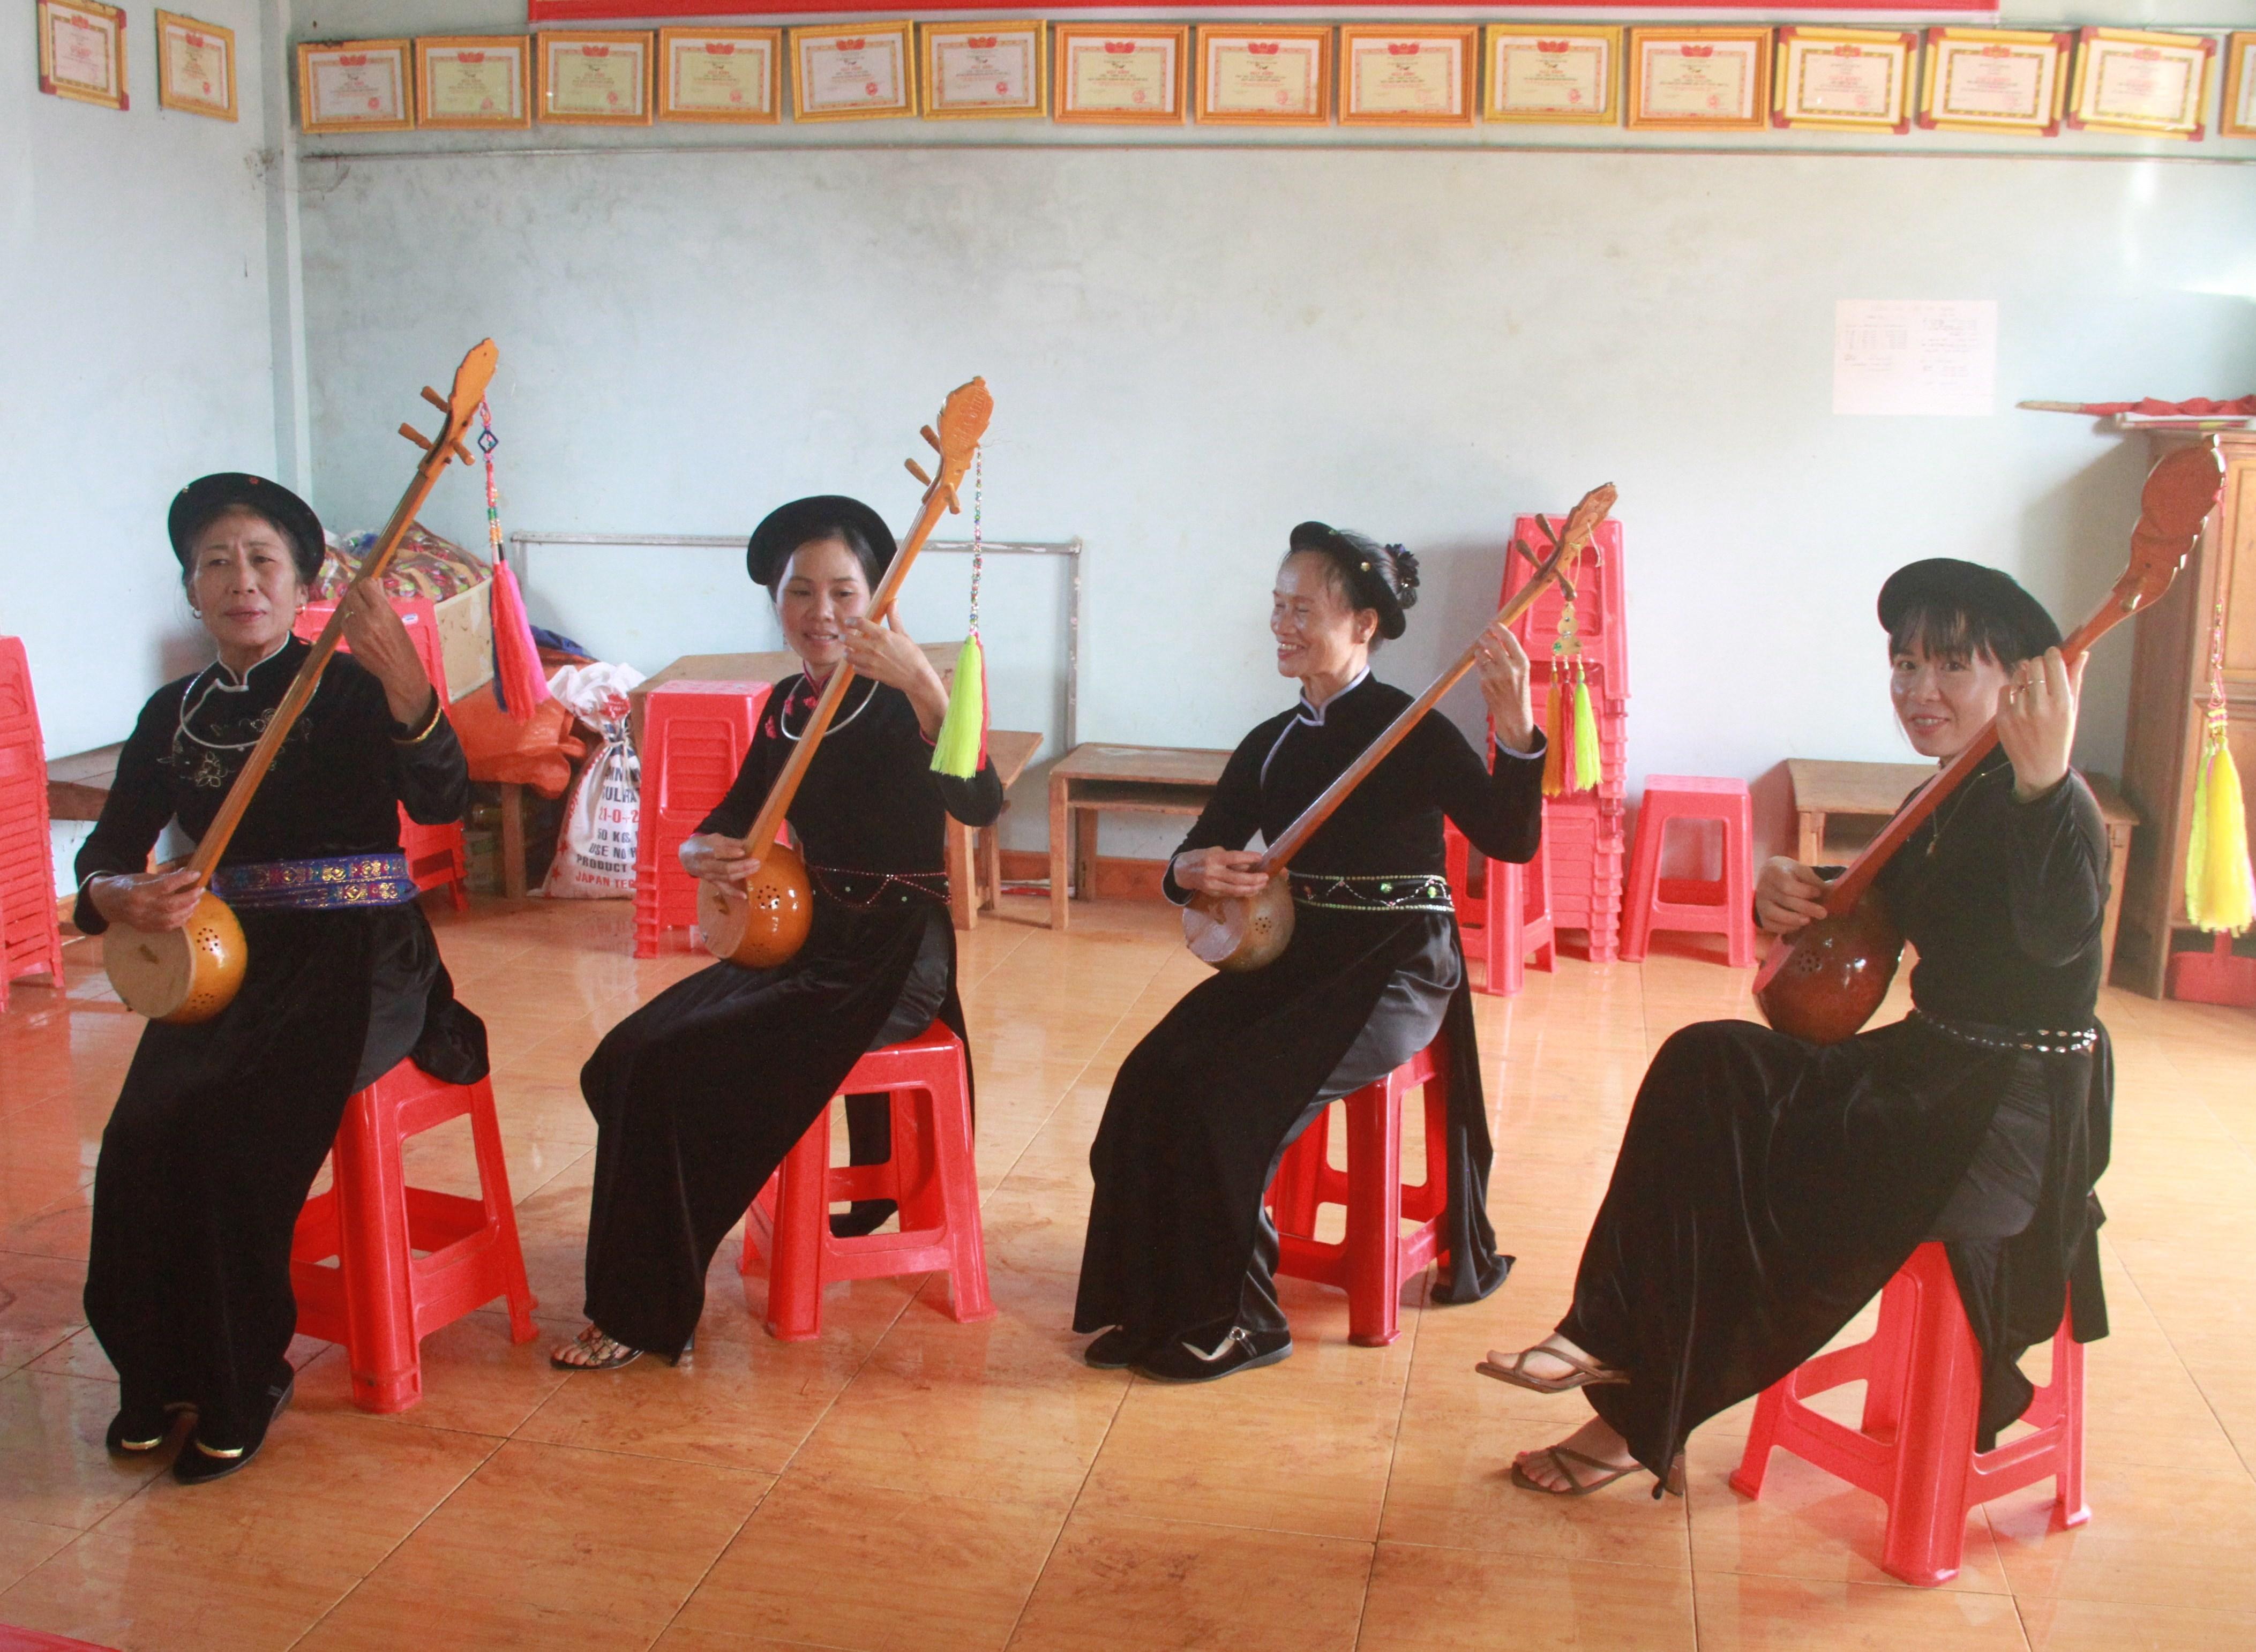 Câu lạc bộ hát then thôn Tam Liên